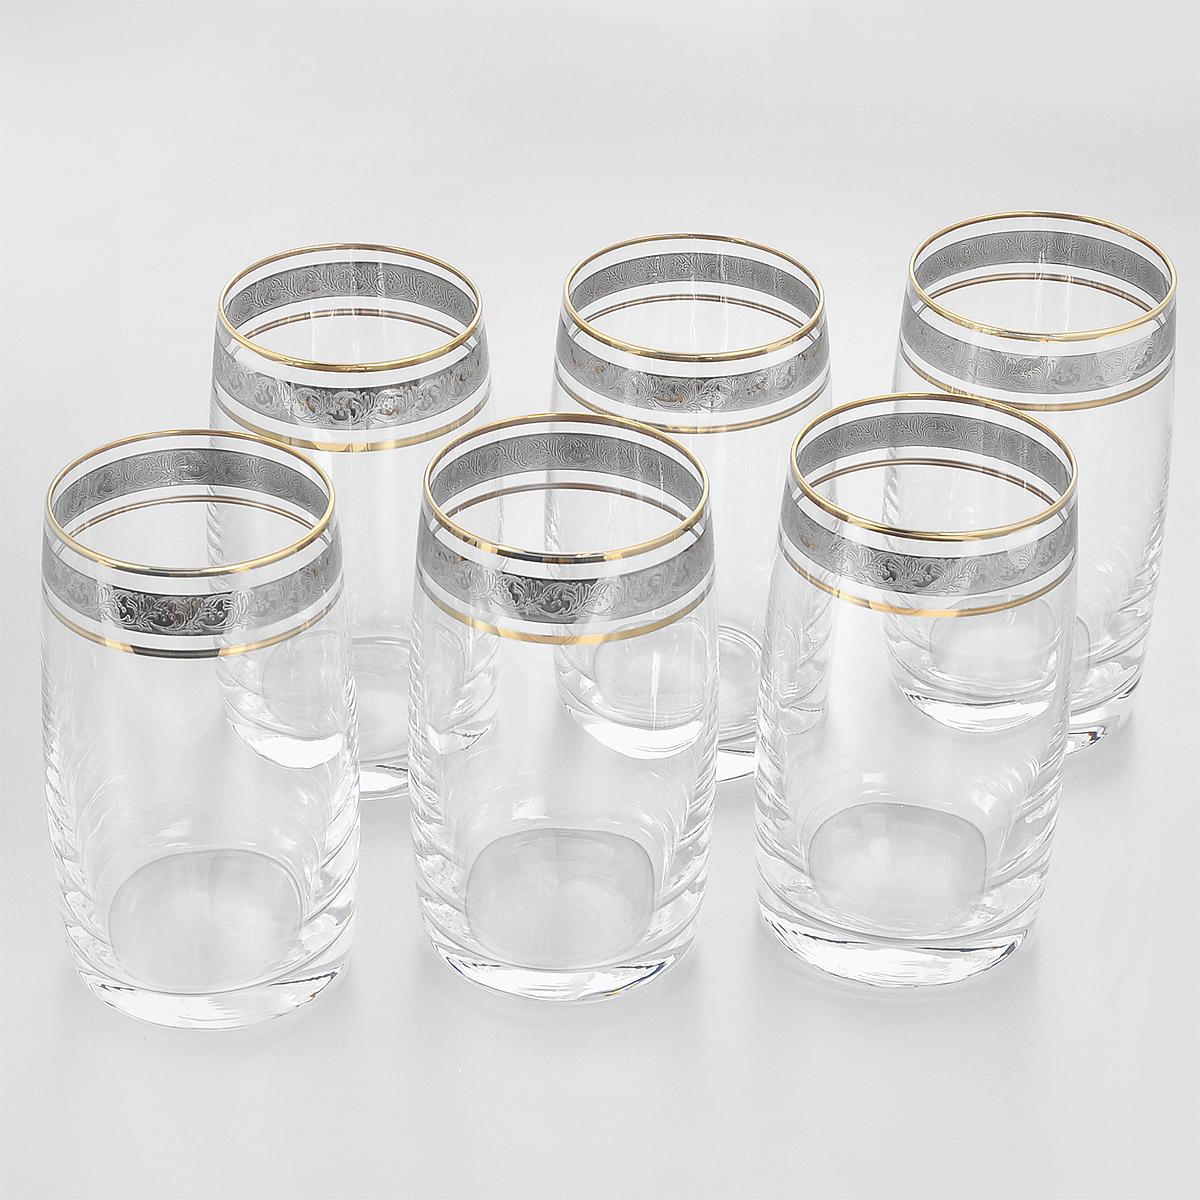 Набор стаканов Crystalite Bohemia Идеал, 250 мл, 6 шт. 25015/250/436342K25015/250/436342KНабор Crystalite Bohemia Идеал состоит из шести стаканов, выполненных из прочного высококачественного прозрачного стекла. Изделия декорированы золотистой окантовкой и оригинальным орнаментом. Стаканы предназначены для подачи воды, сока и других напитков. Они излучают приятный блеск и издают мелодичный звон. Стаканы сочетают в себе элегантный дизайн и функциональность. Благодаря такому набору пить напитки будет еще вкуснее.Набор стаканов Crystalite Bohemia Идеал прекрасно оформит праздничный стол и создаст приятную атмосферу за романтическим ужином. Такой набор также станет хорошим подарком к любому случаю. Не использовать в посудомоечной машине и микроволновой печи.